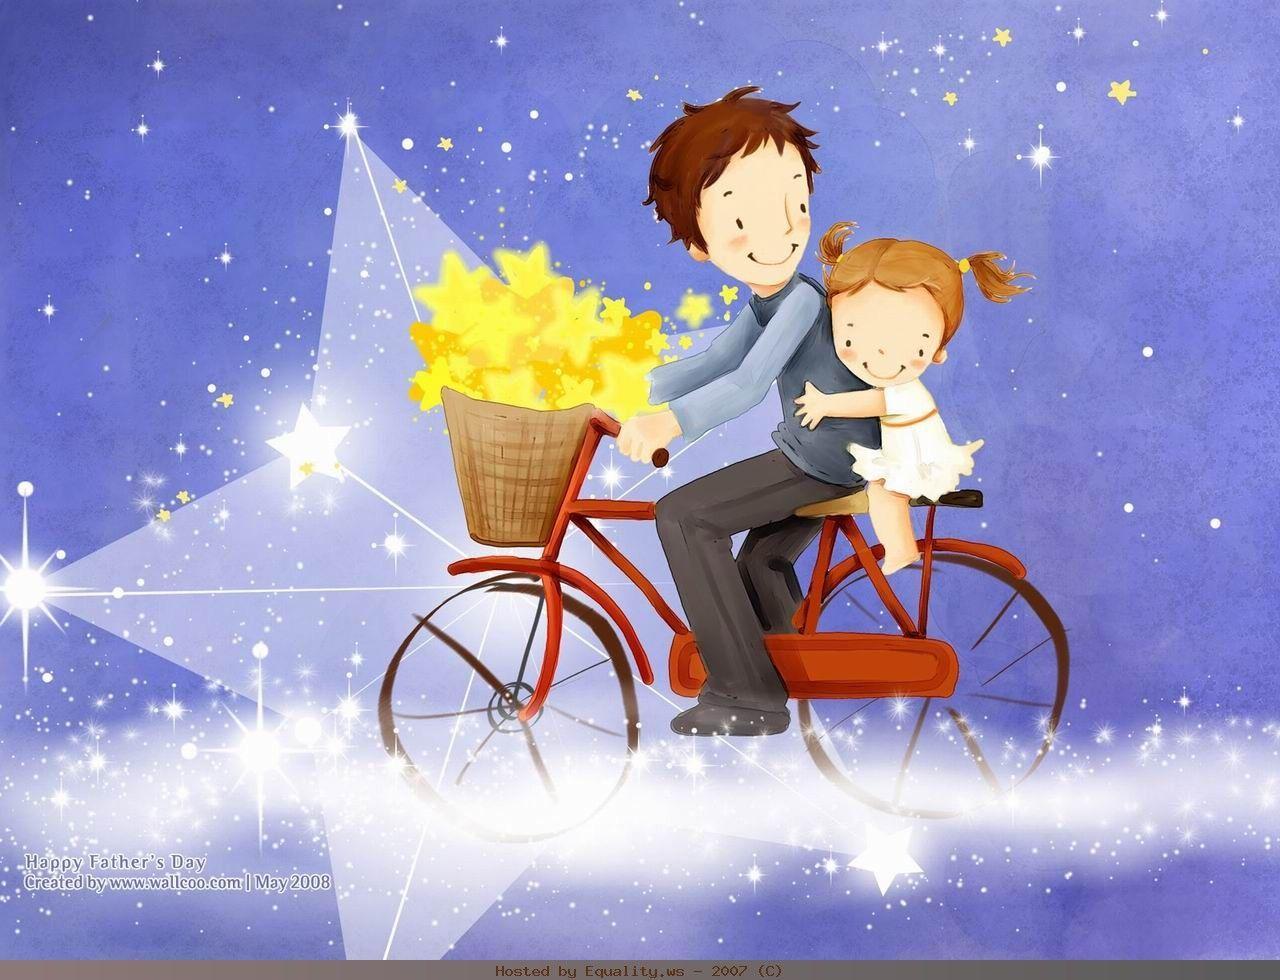 Открытки родитель и ребенок, картинки